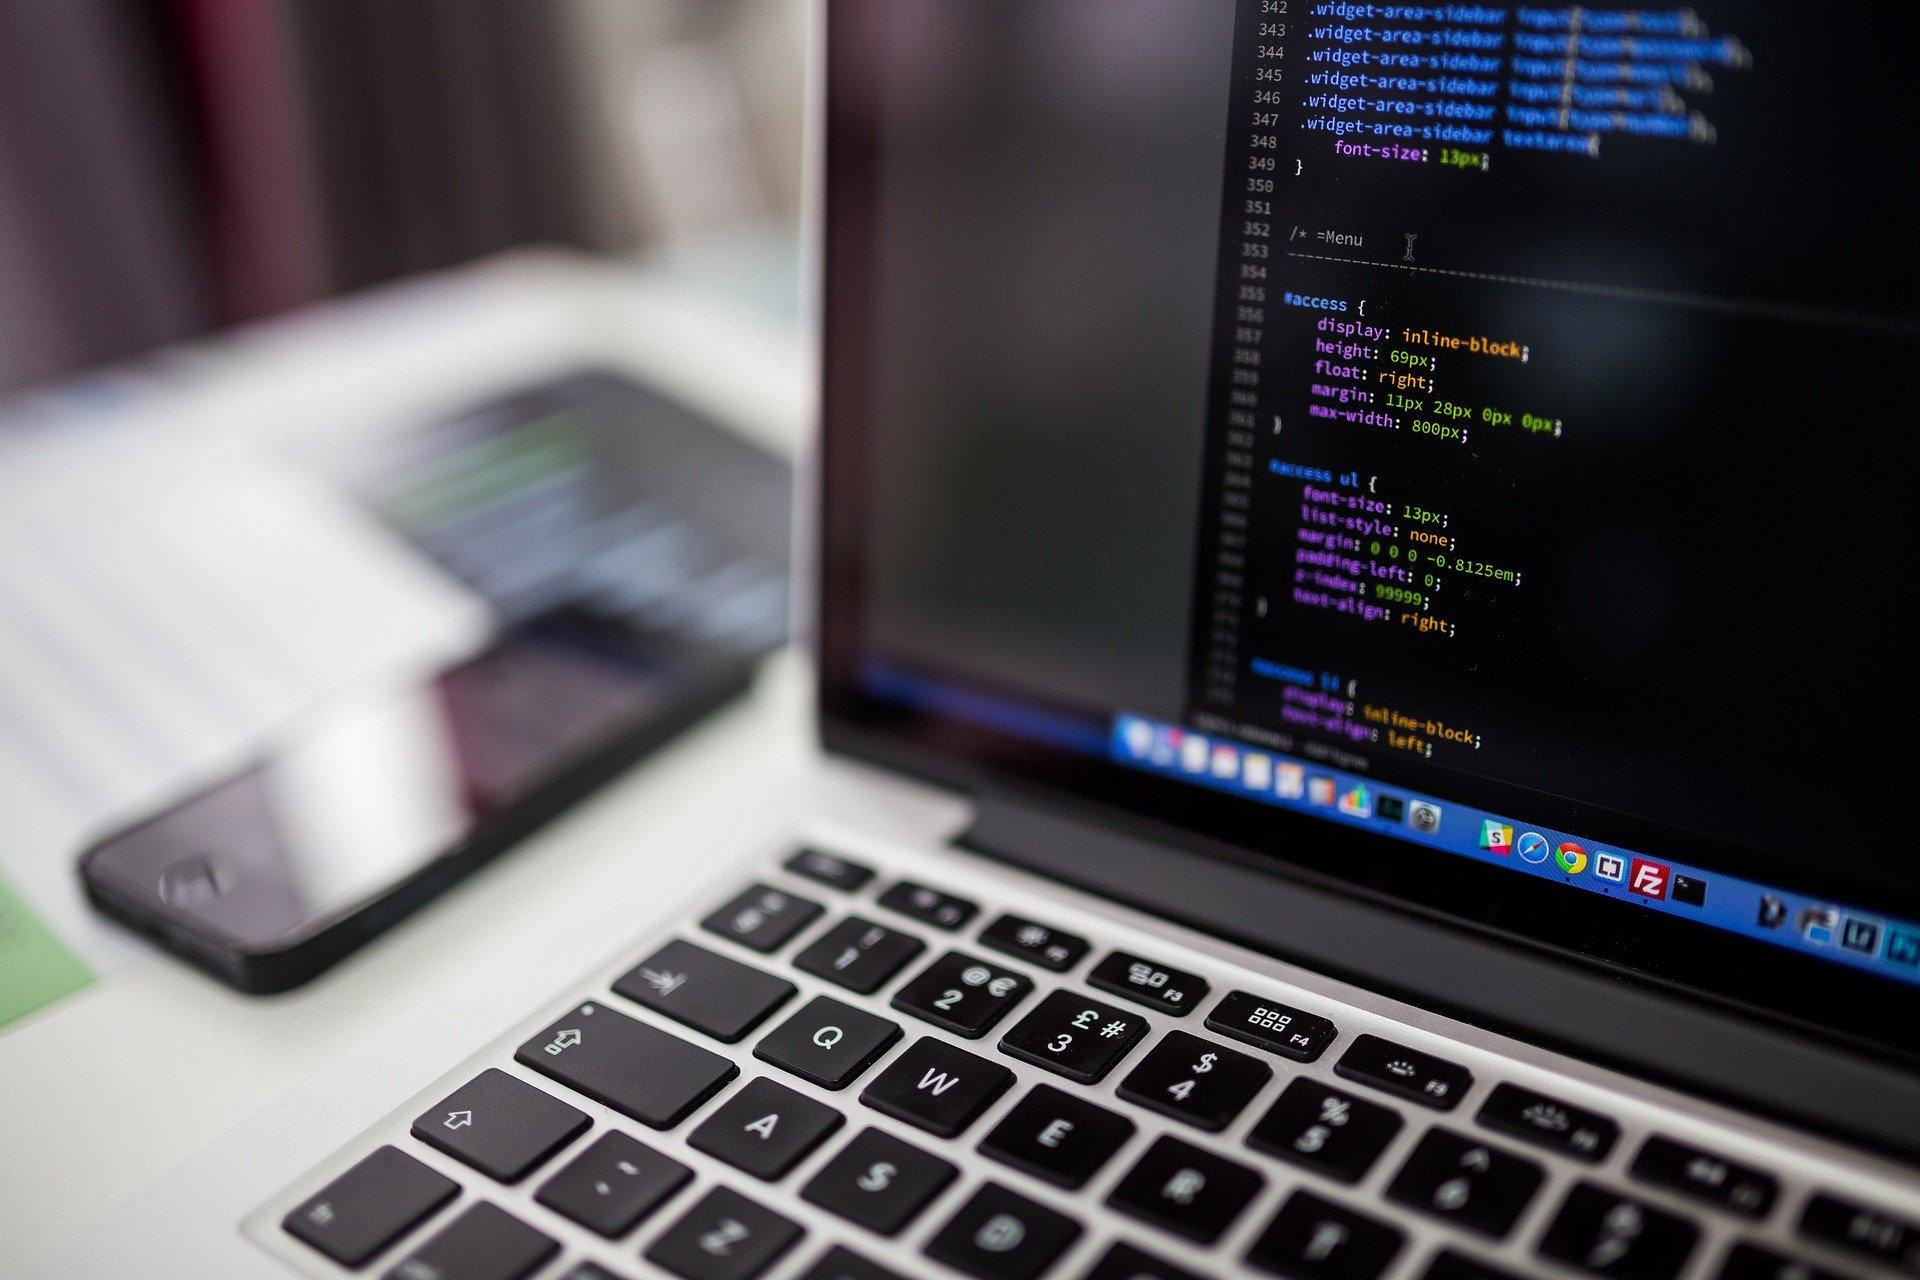 如何基于 wxParse 实现 WordPress 小程序代码高亮